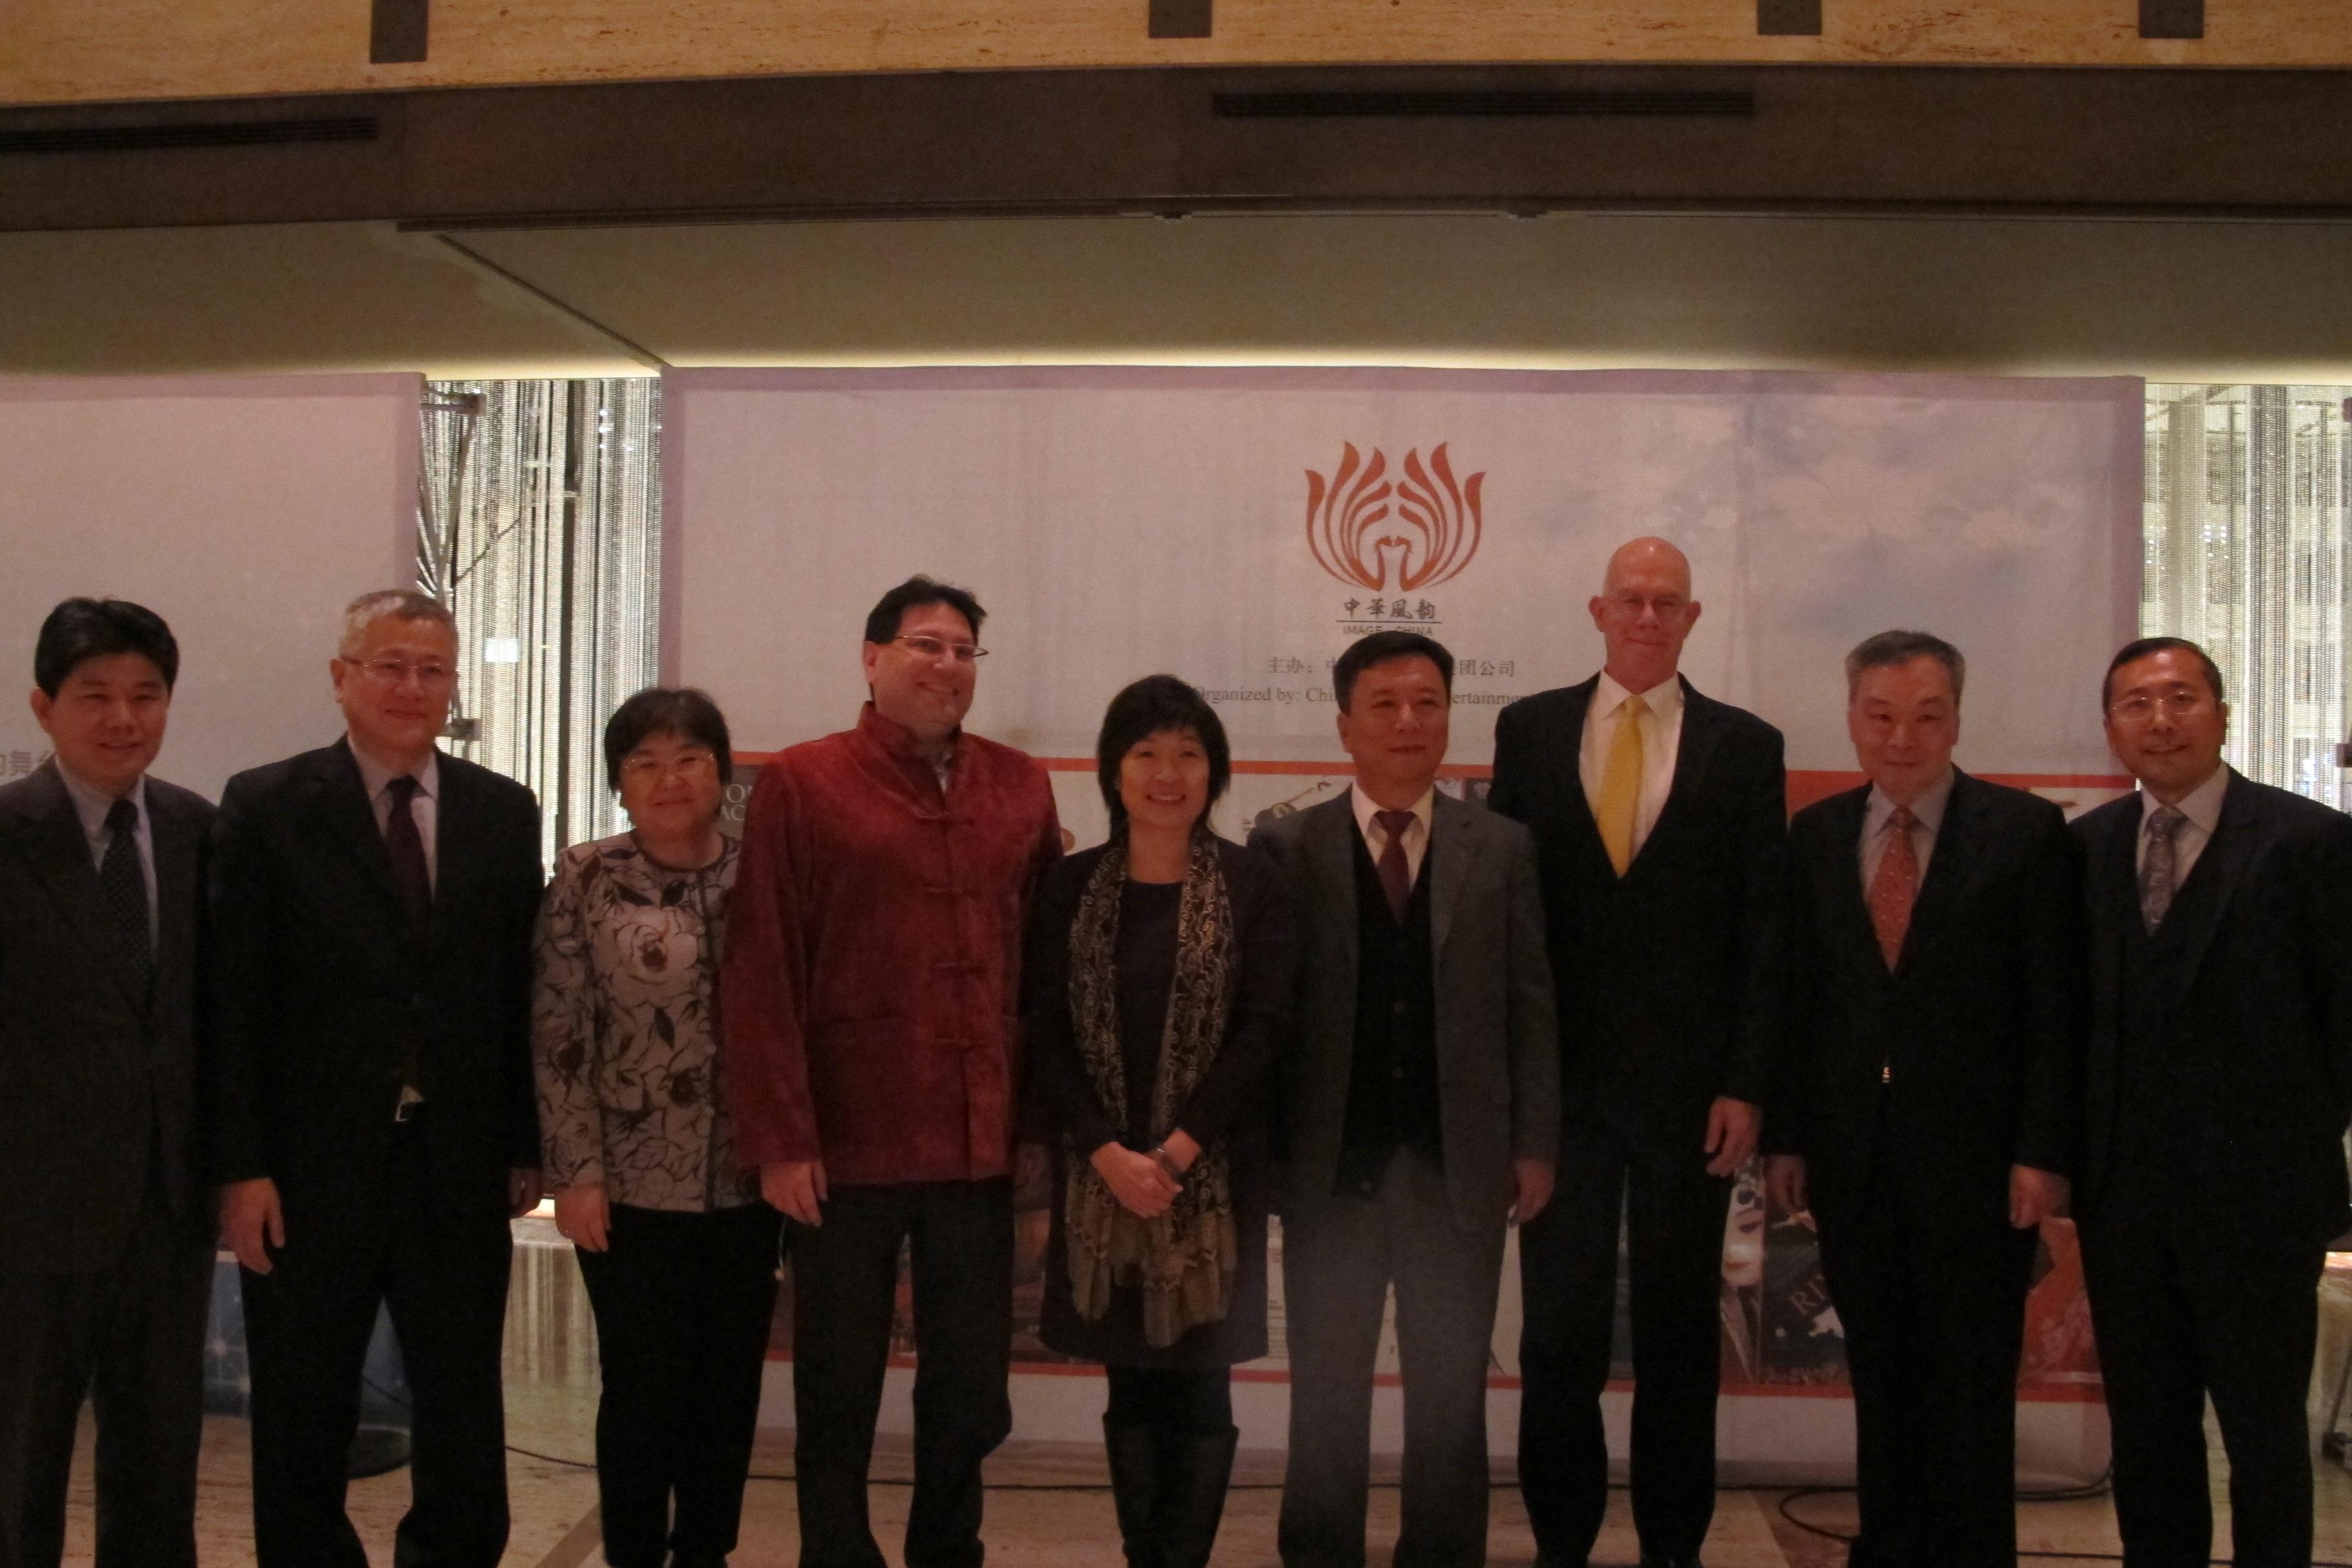 演出單位及贊助單位代表出席酒會,右一為中國對外文化集團副總監王修芹、右二為世界日報紐約社社長張漢昇、右四為中國歌劇舞劇院院長陶誠、右五為中國駐紐約總領事章啟月。